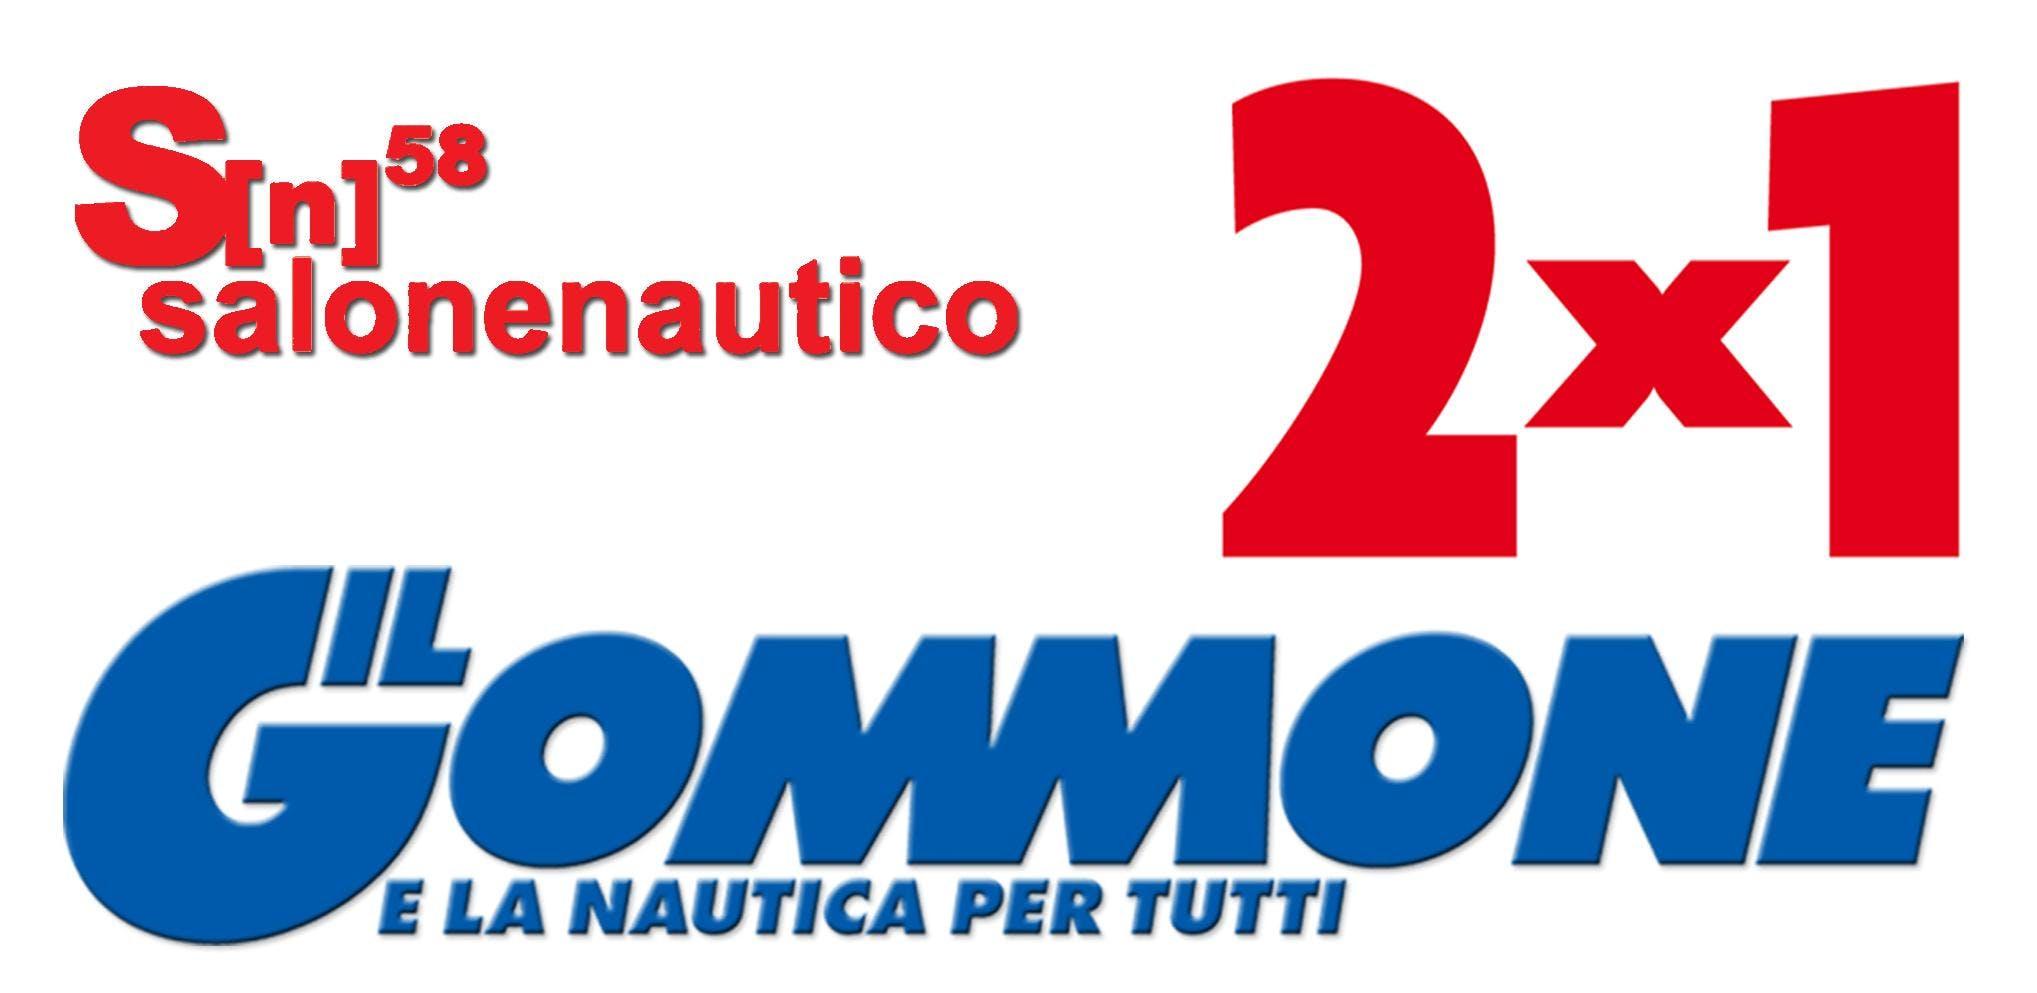 Vieni al 58° Salone nautico di Genova con la